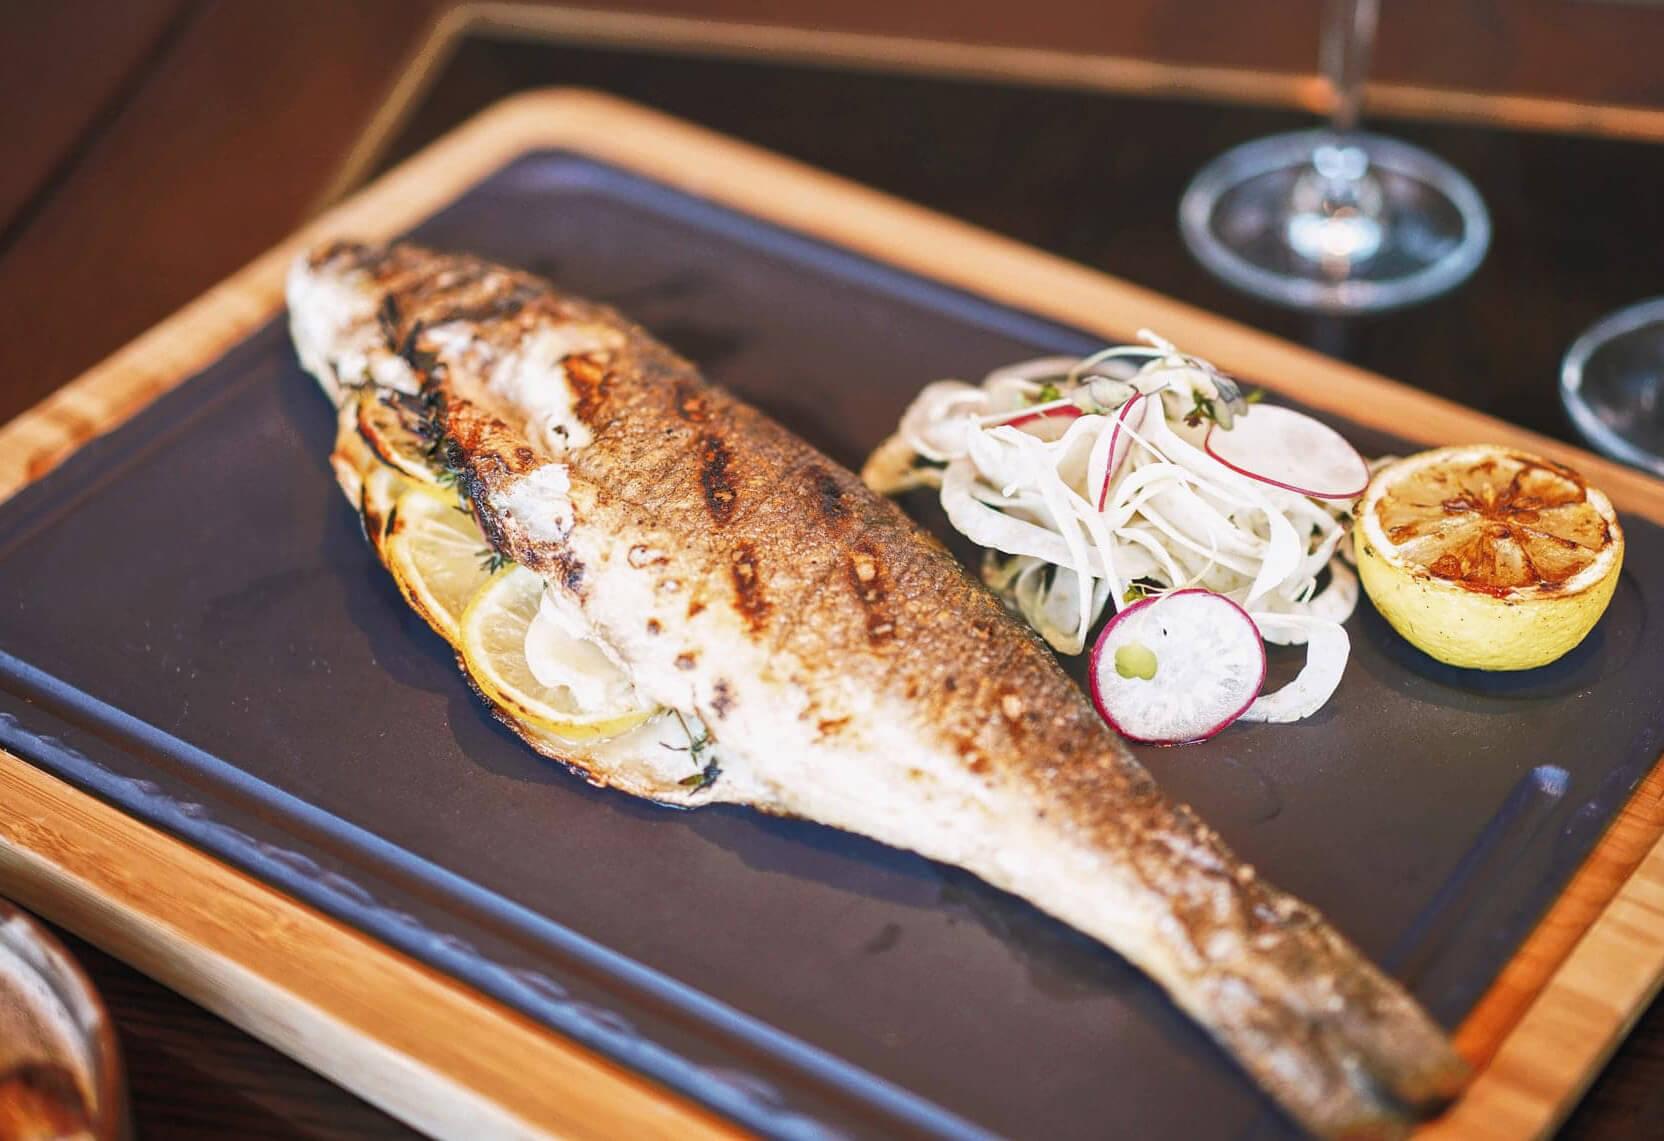 海新嘅烤鱸魚,為唔食牛嘅朋友提供更多選擇!